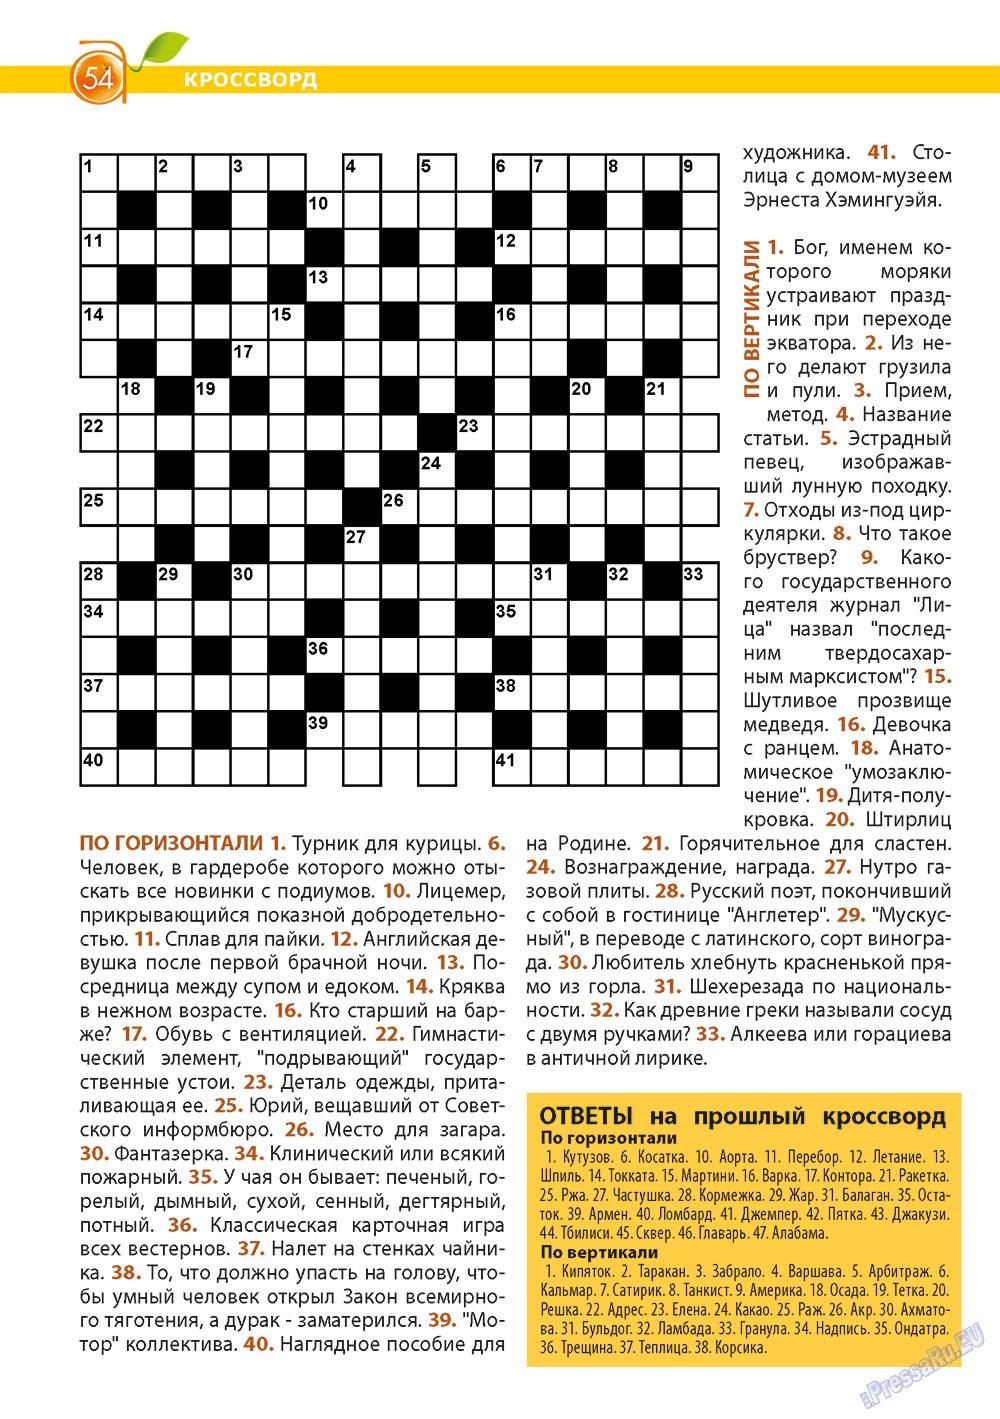 Апельсин (журнал). 2013 год, номер 44, стр. 52